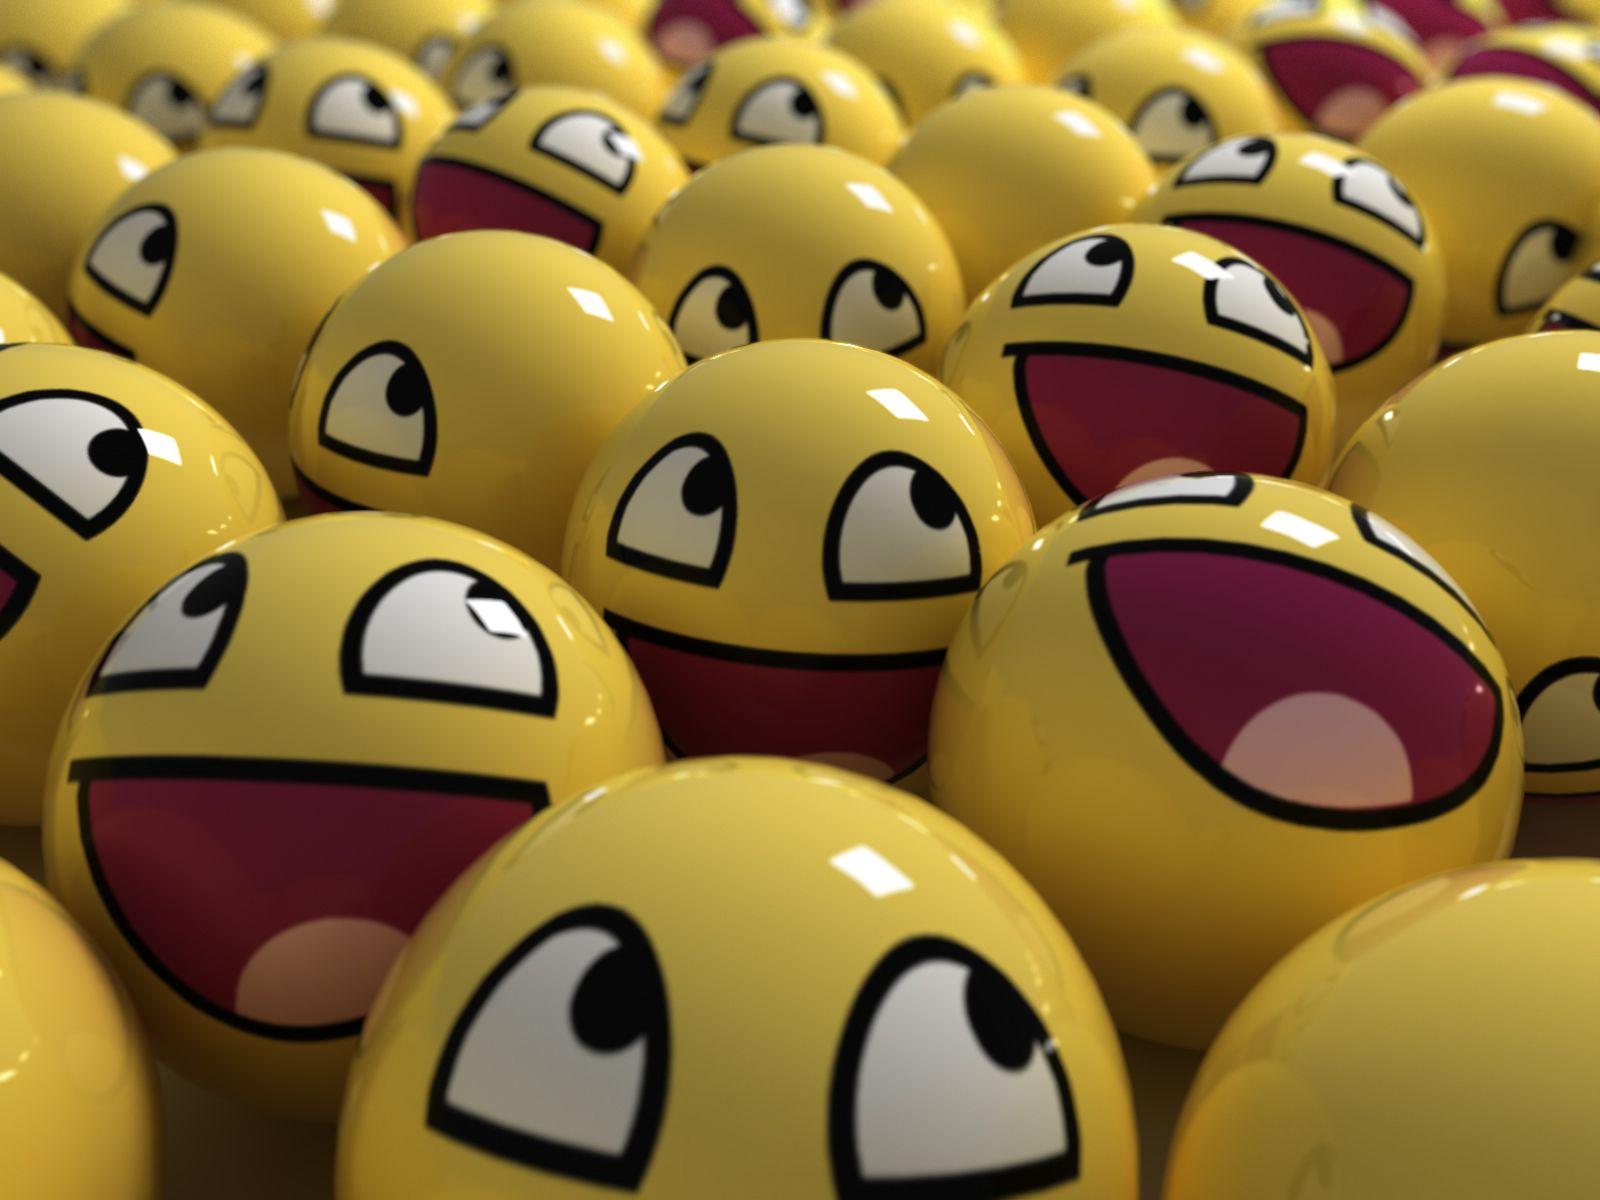 صور مقال اجتماعي عن الابتسامه